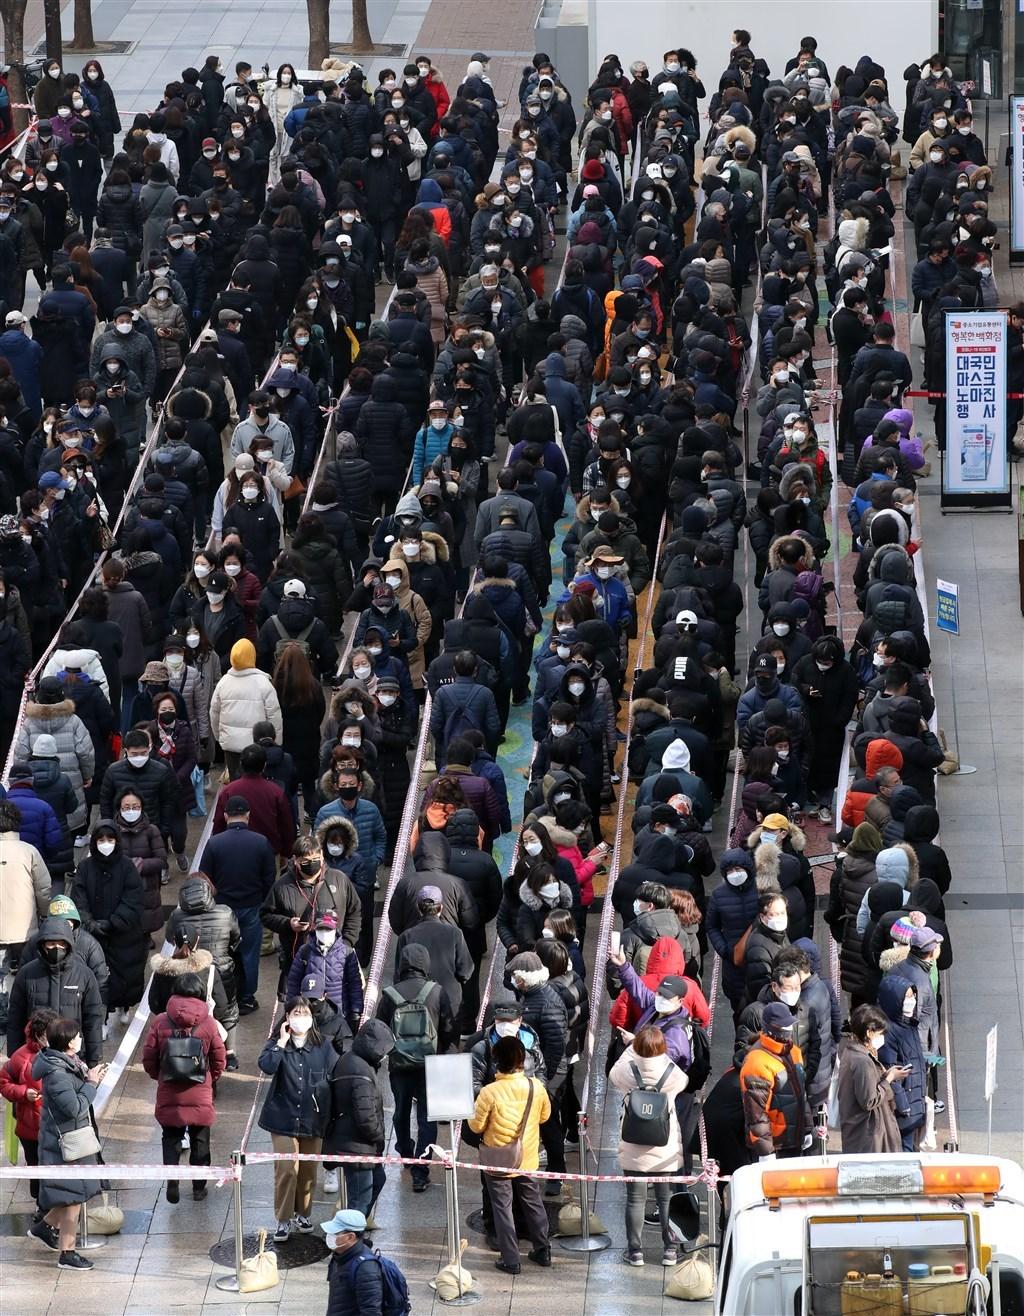 韓國疾病管理本部5日表示,韓國新型冠狀病毒疾病新增確診322例,累計確診達6088例。死亡病例增至40例。圖為首爾民眾排隊購買口罩。(檔案照片/韓聯社提供)